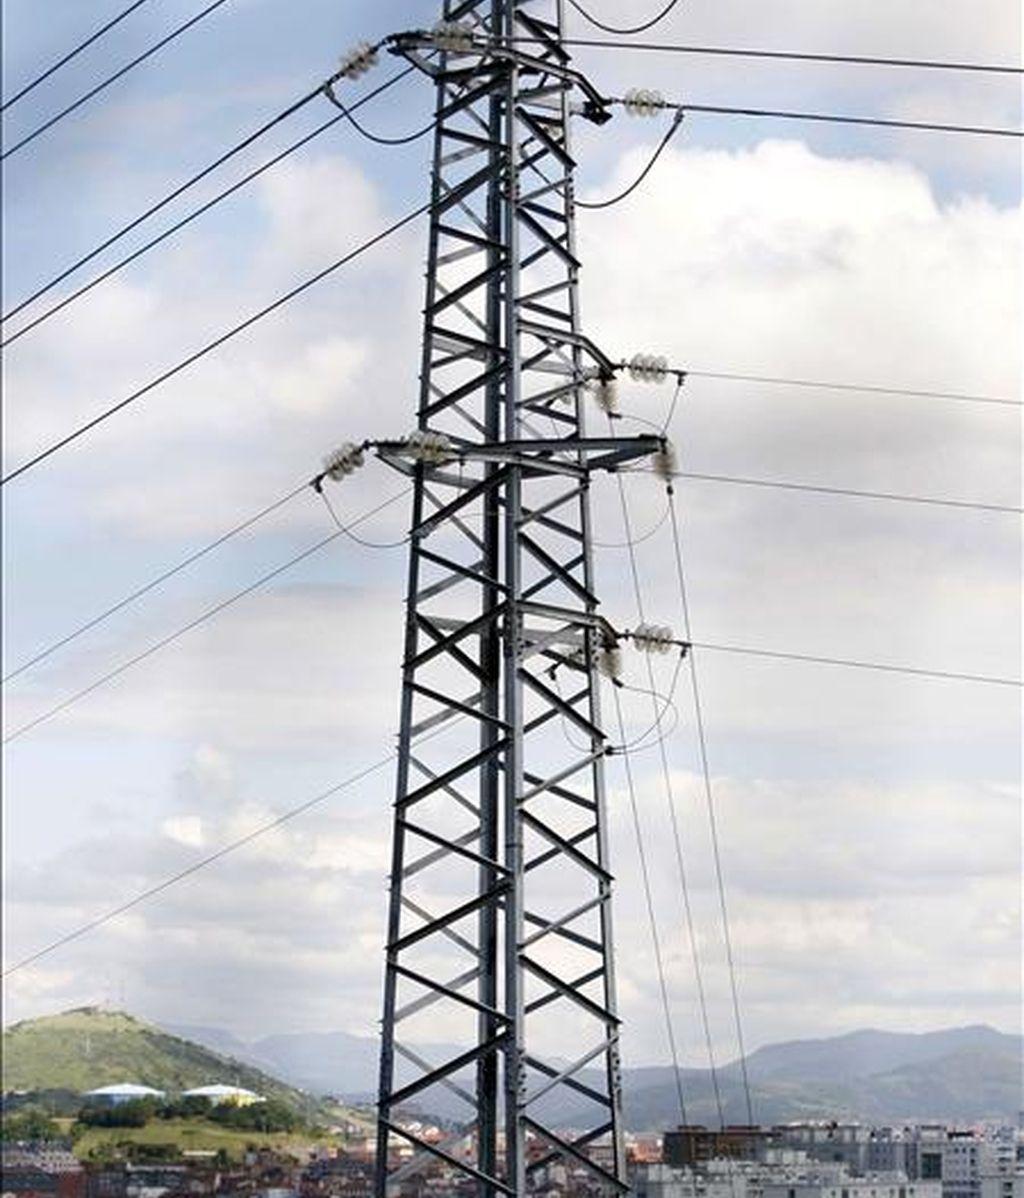 Vista de una torre de alta tensión. EFE/Archivo